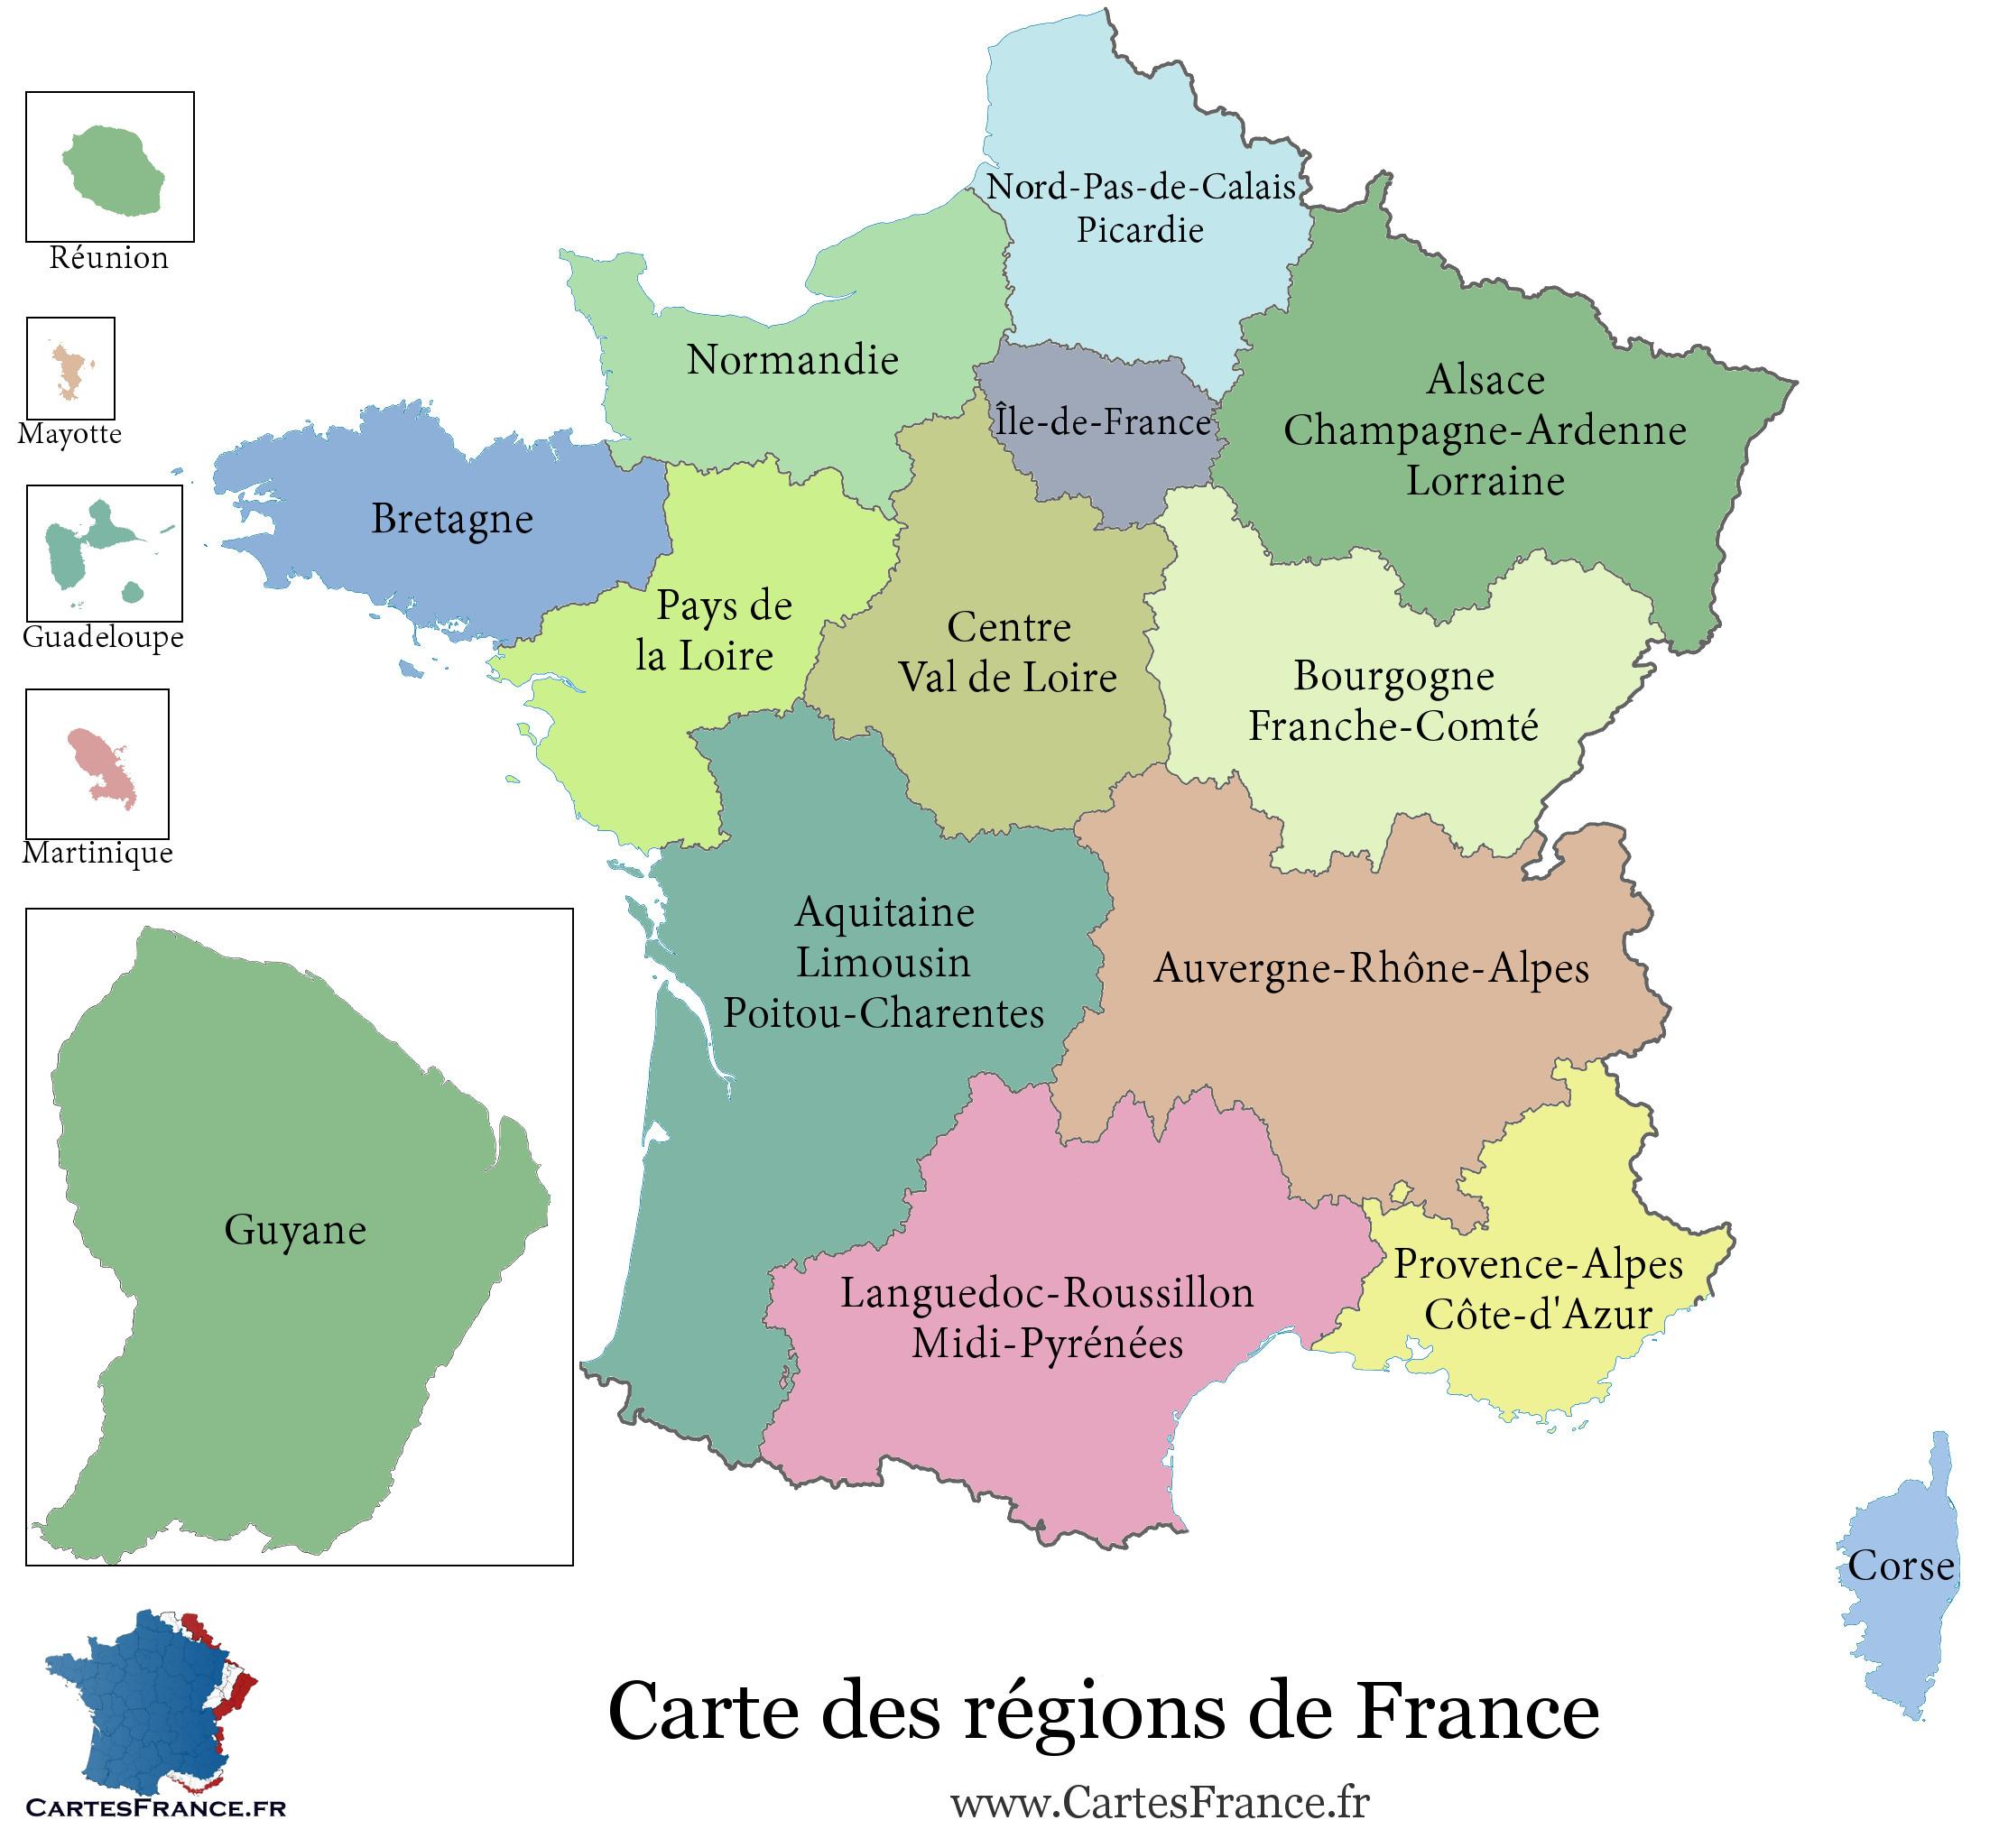 Carte De France Region - Carte Des Régions Françaises tout Carte De France Avec Region